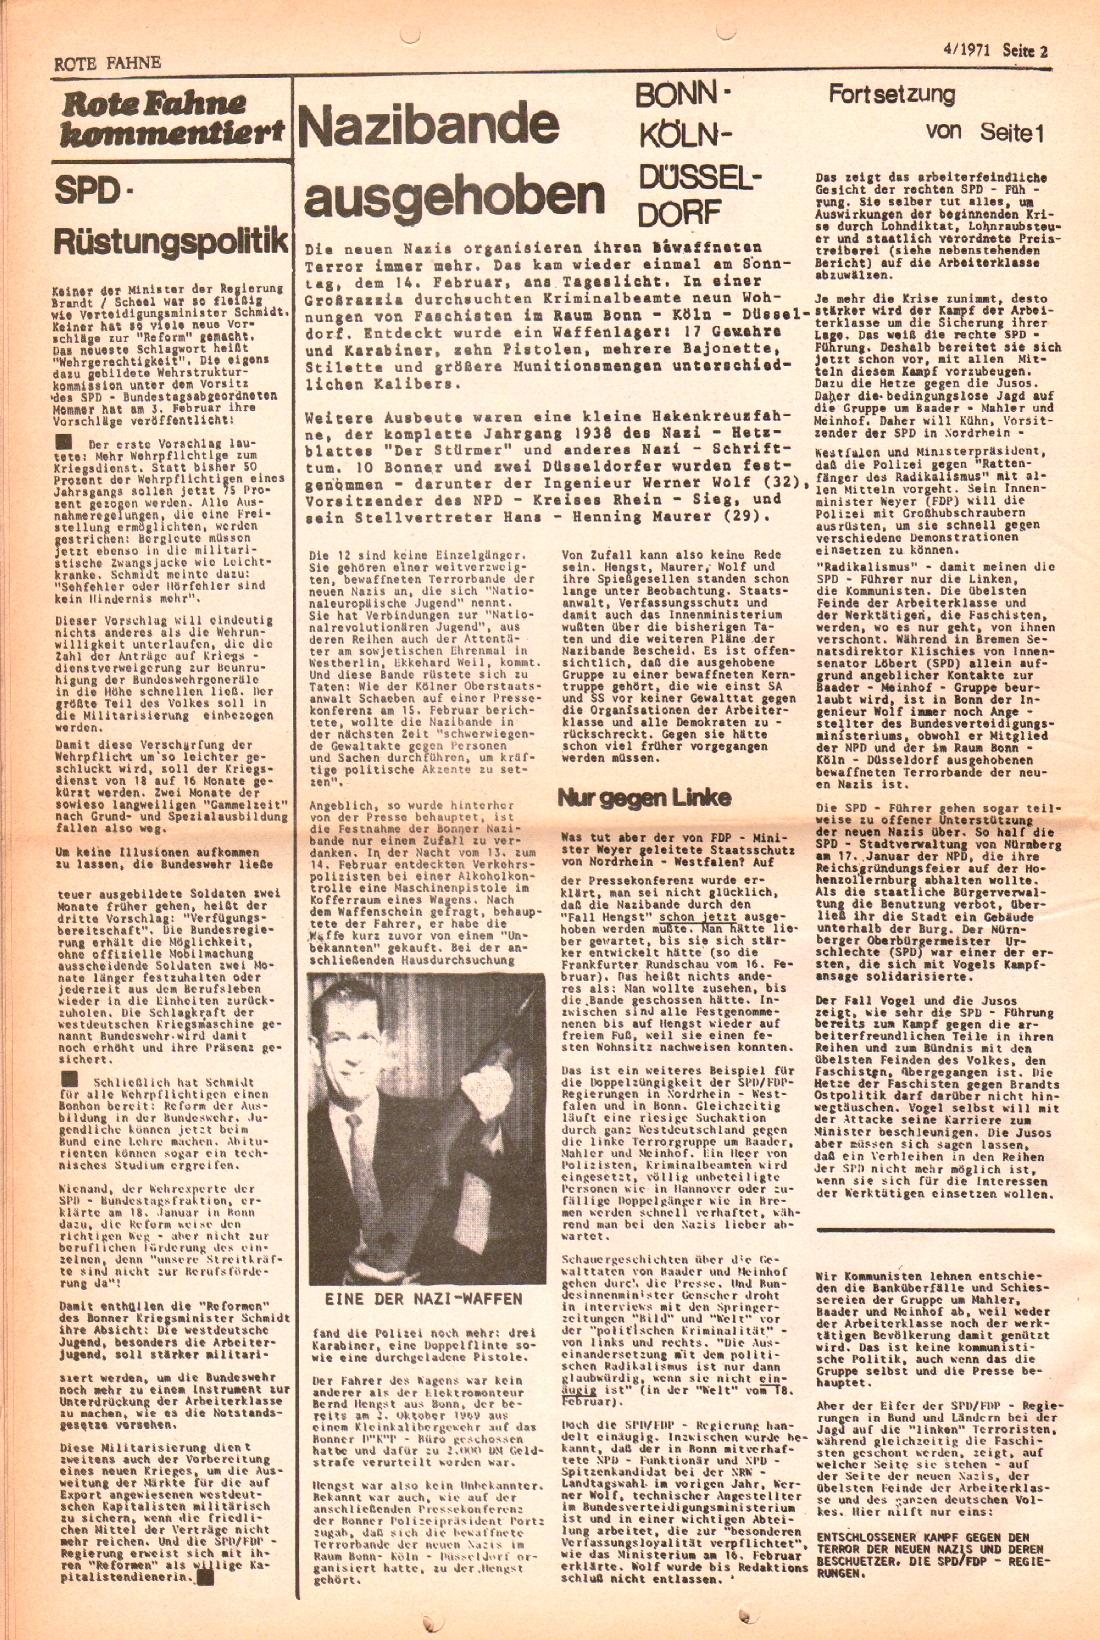 Rote Fahne, 2. Jg., 1.3.1971, Nr. 4, Seite 2